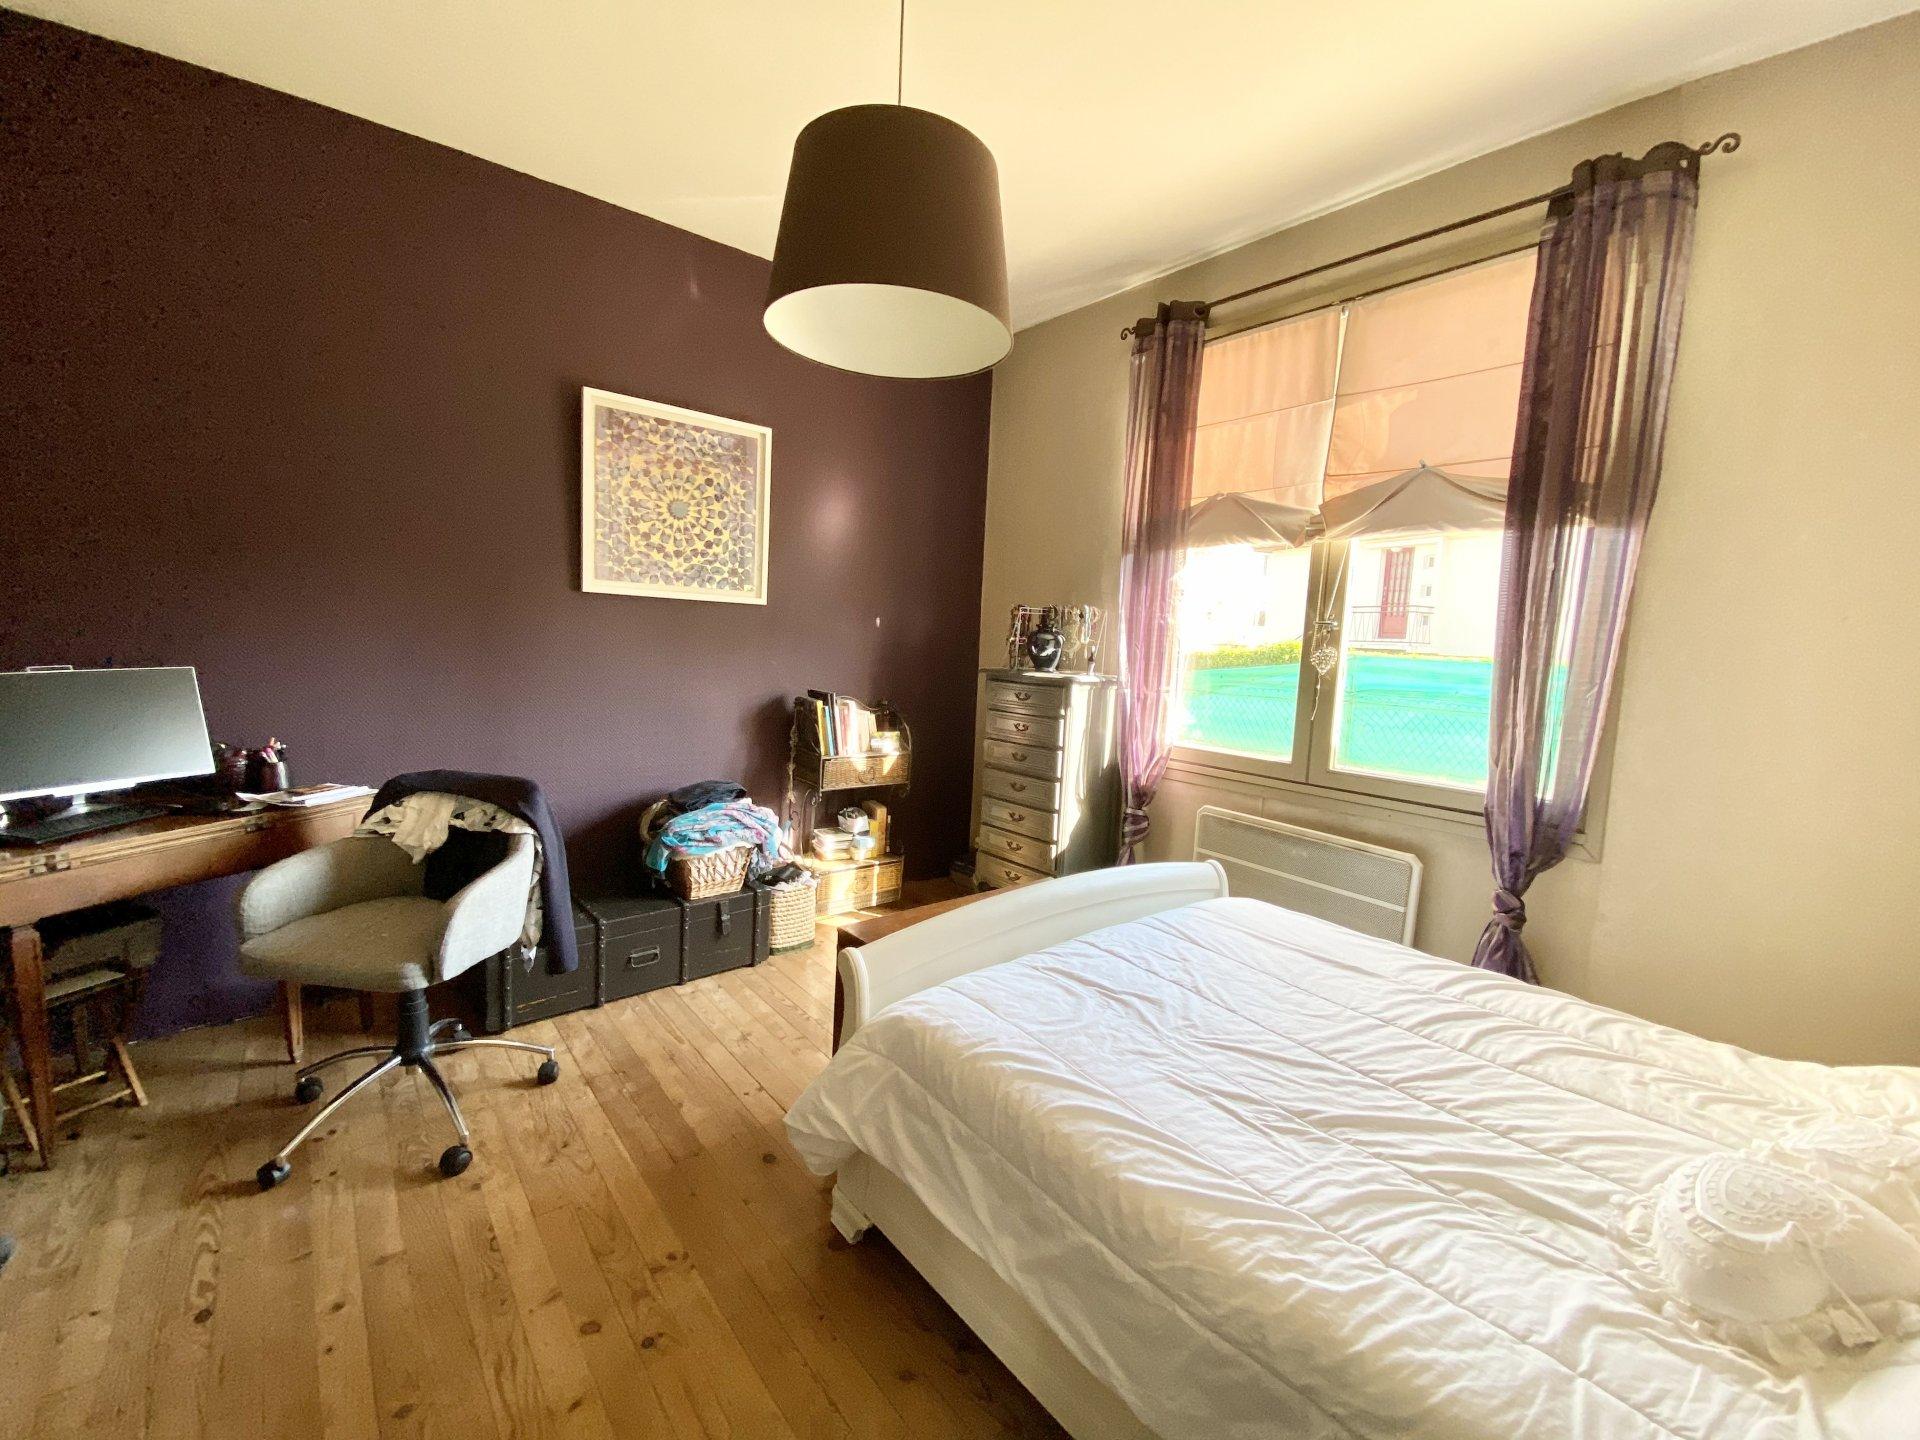 Maison louée 550€/mois - emplacement idéal